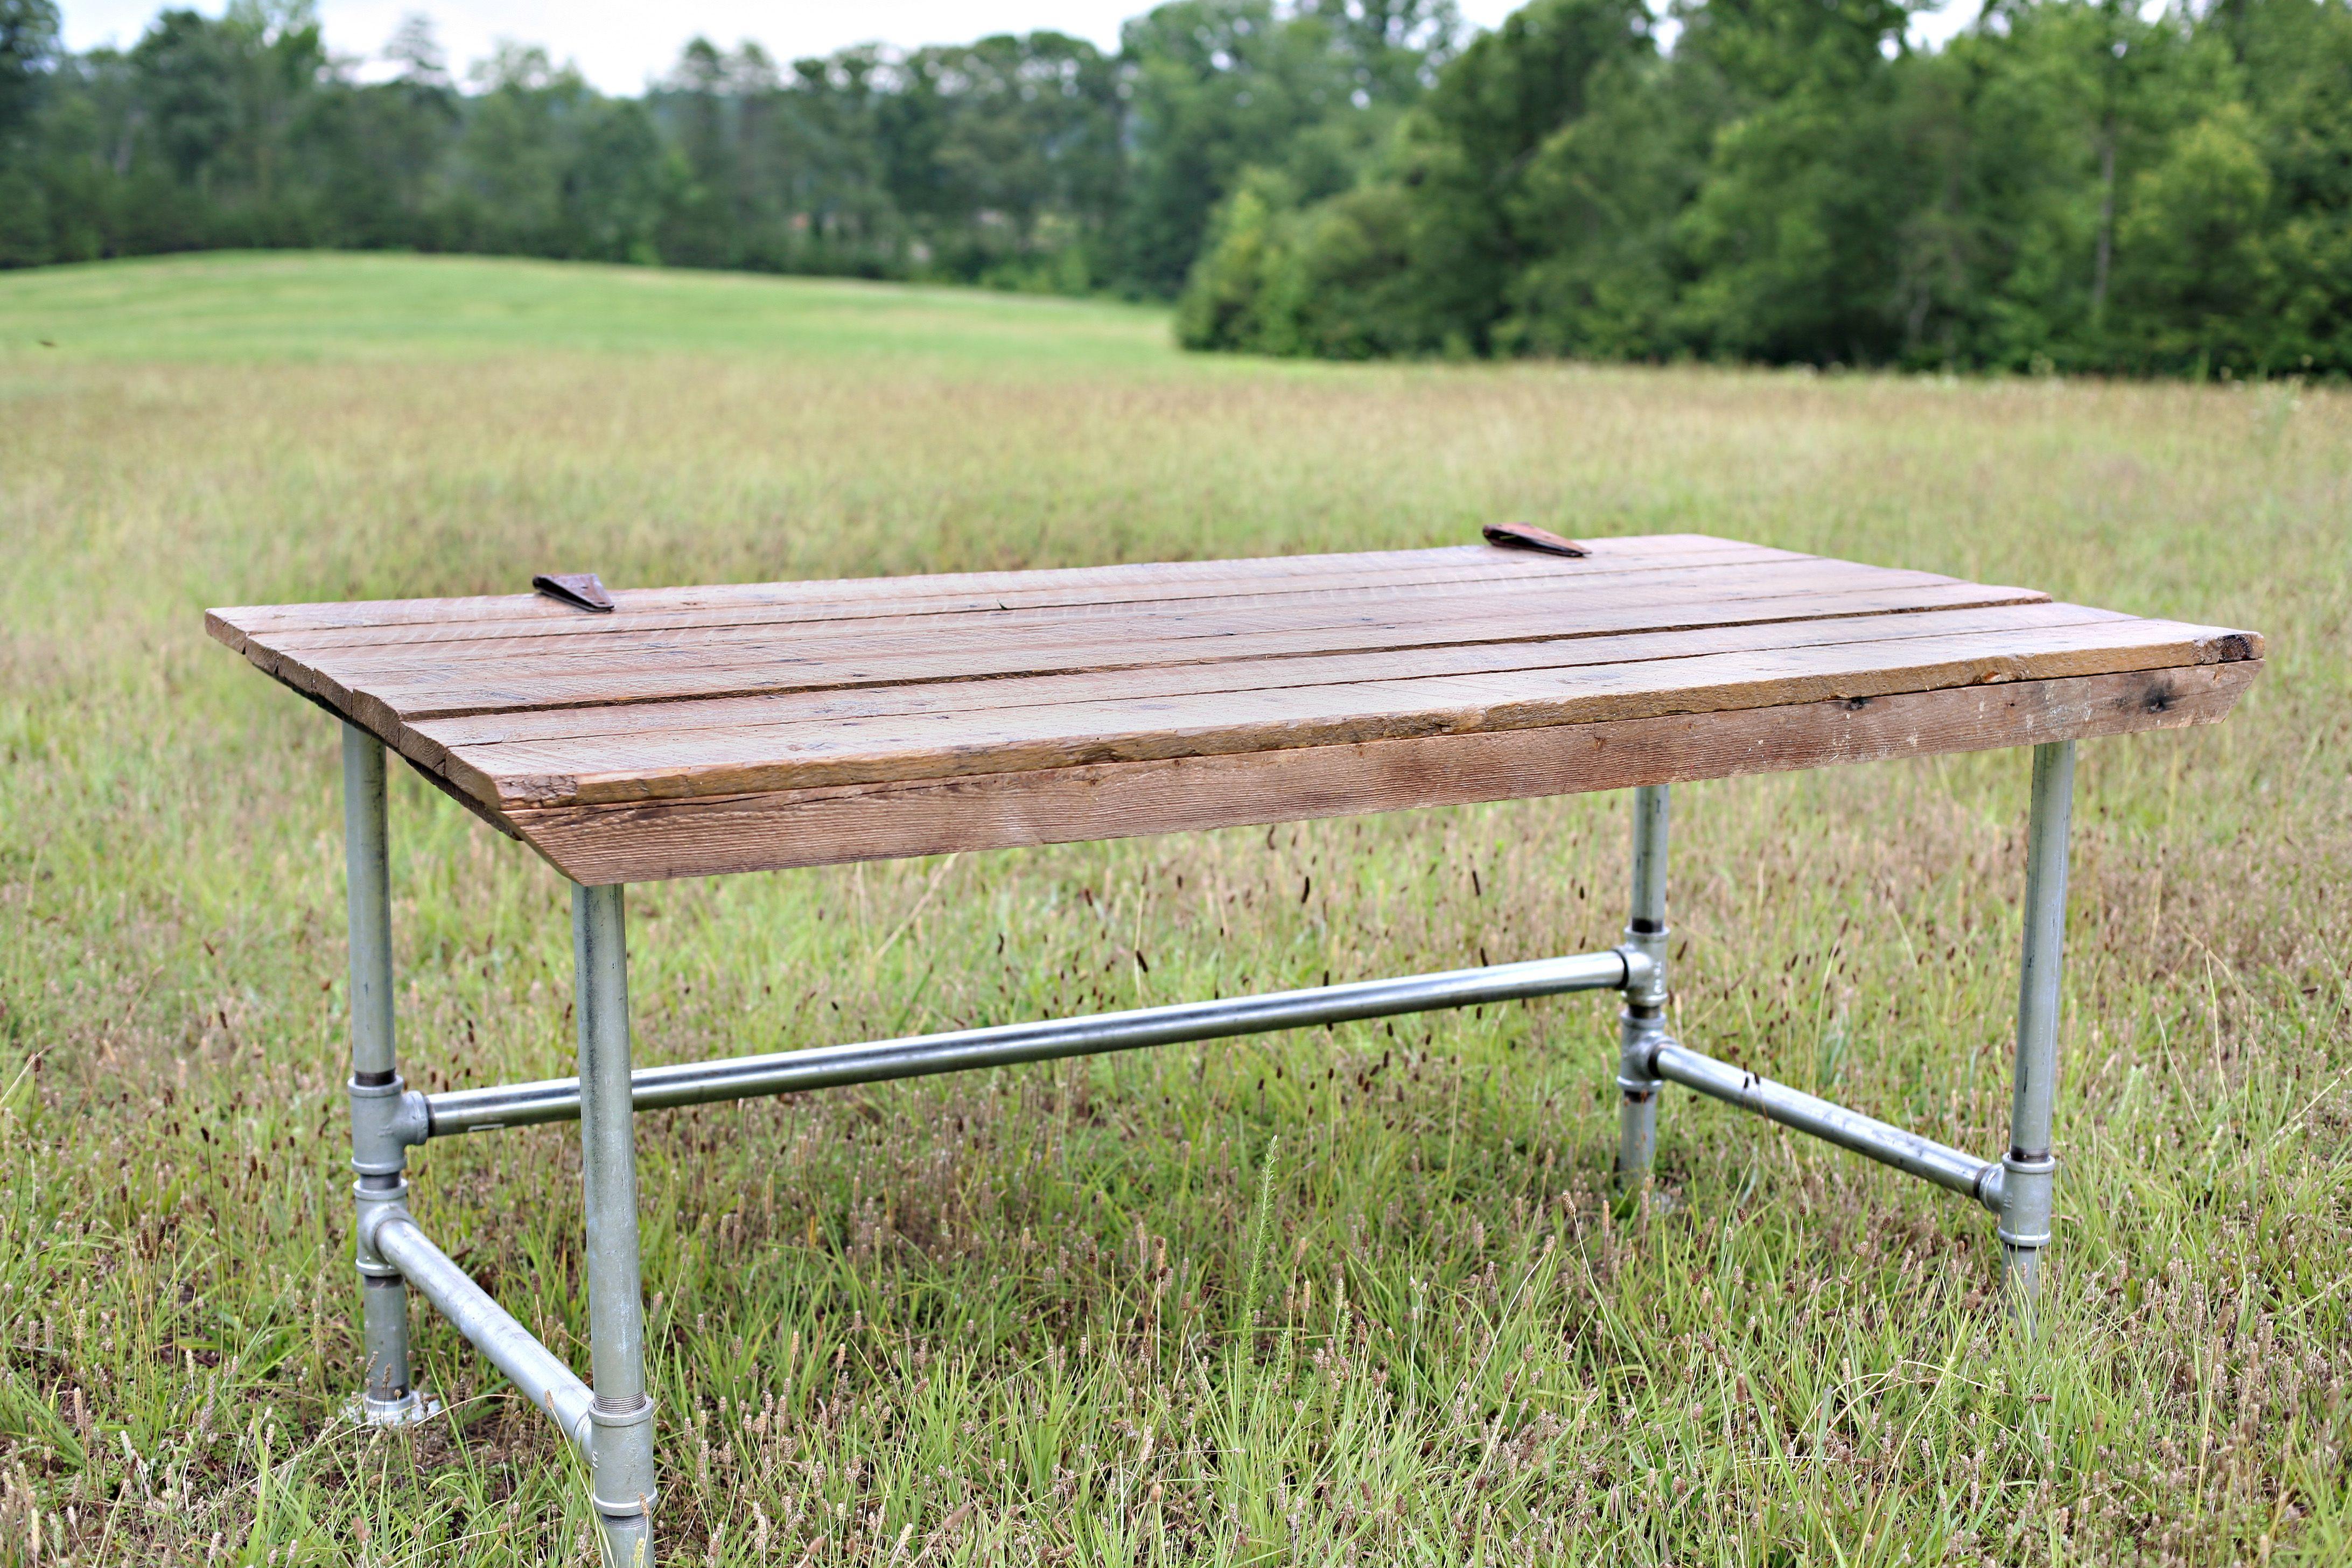 Delightful Galvanized Pipe Desk   ... Big And Has Wide Galvanized Pipe Legs. The